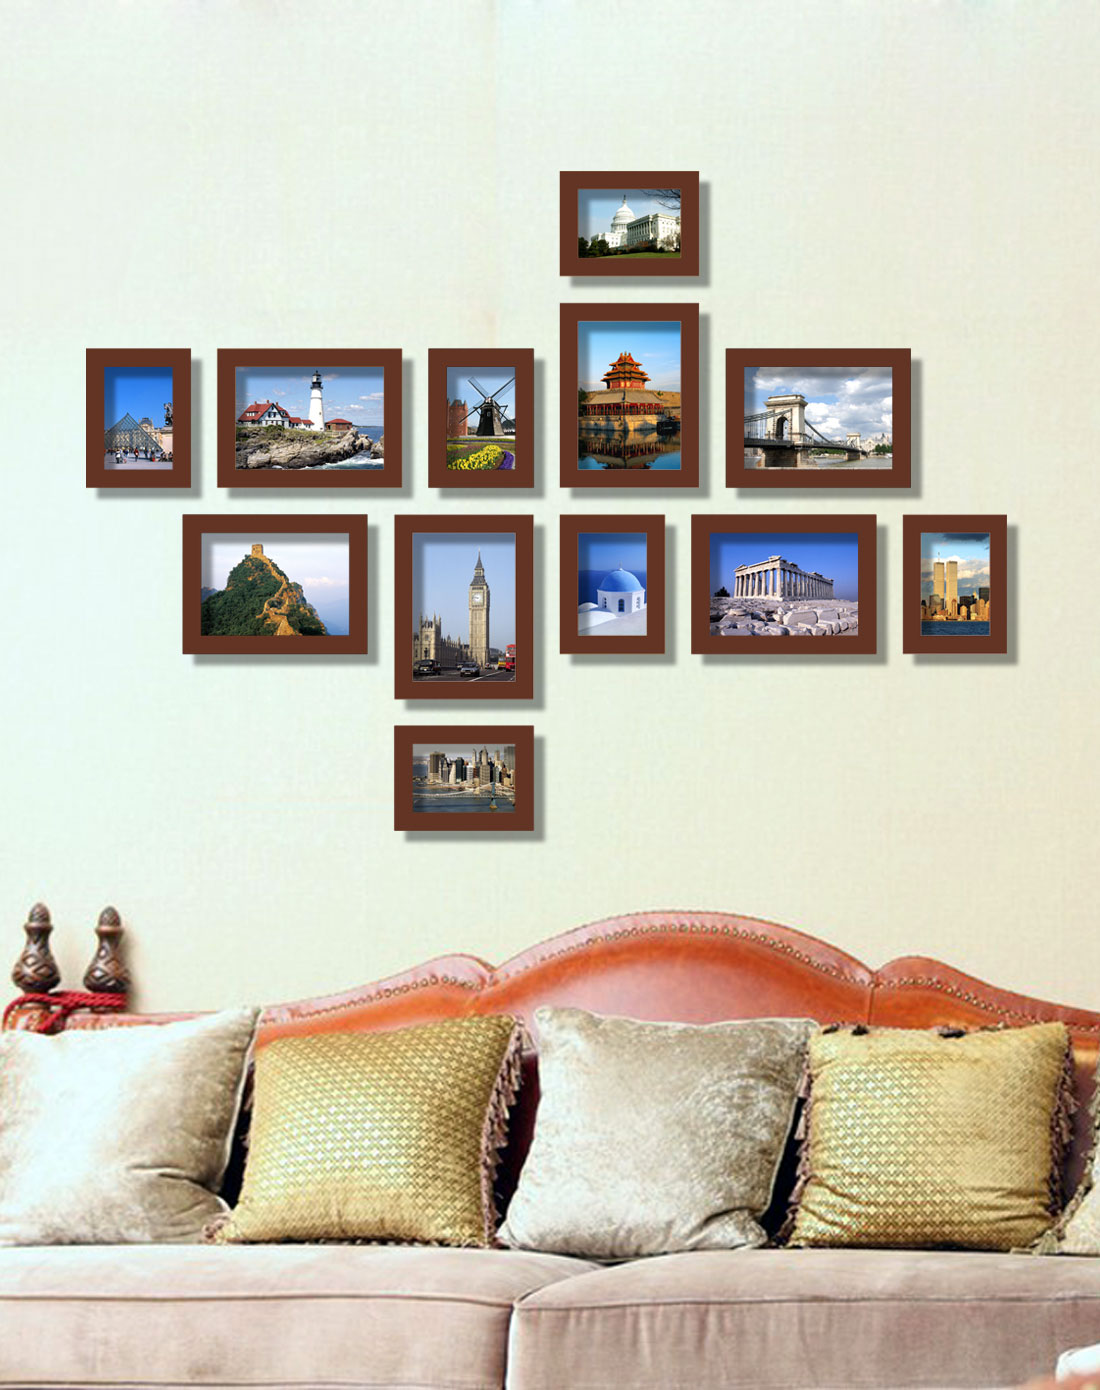 傲乐斯aules壁饰专场12枚实木相框墙12c03多种排列